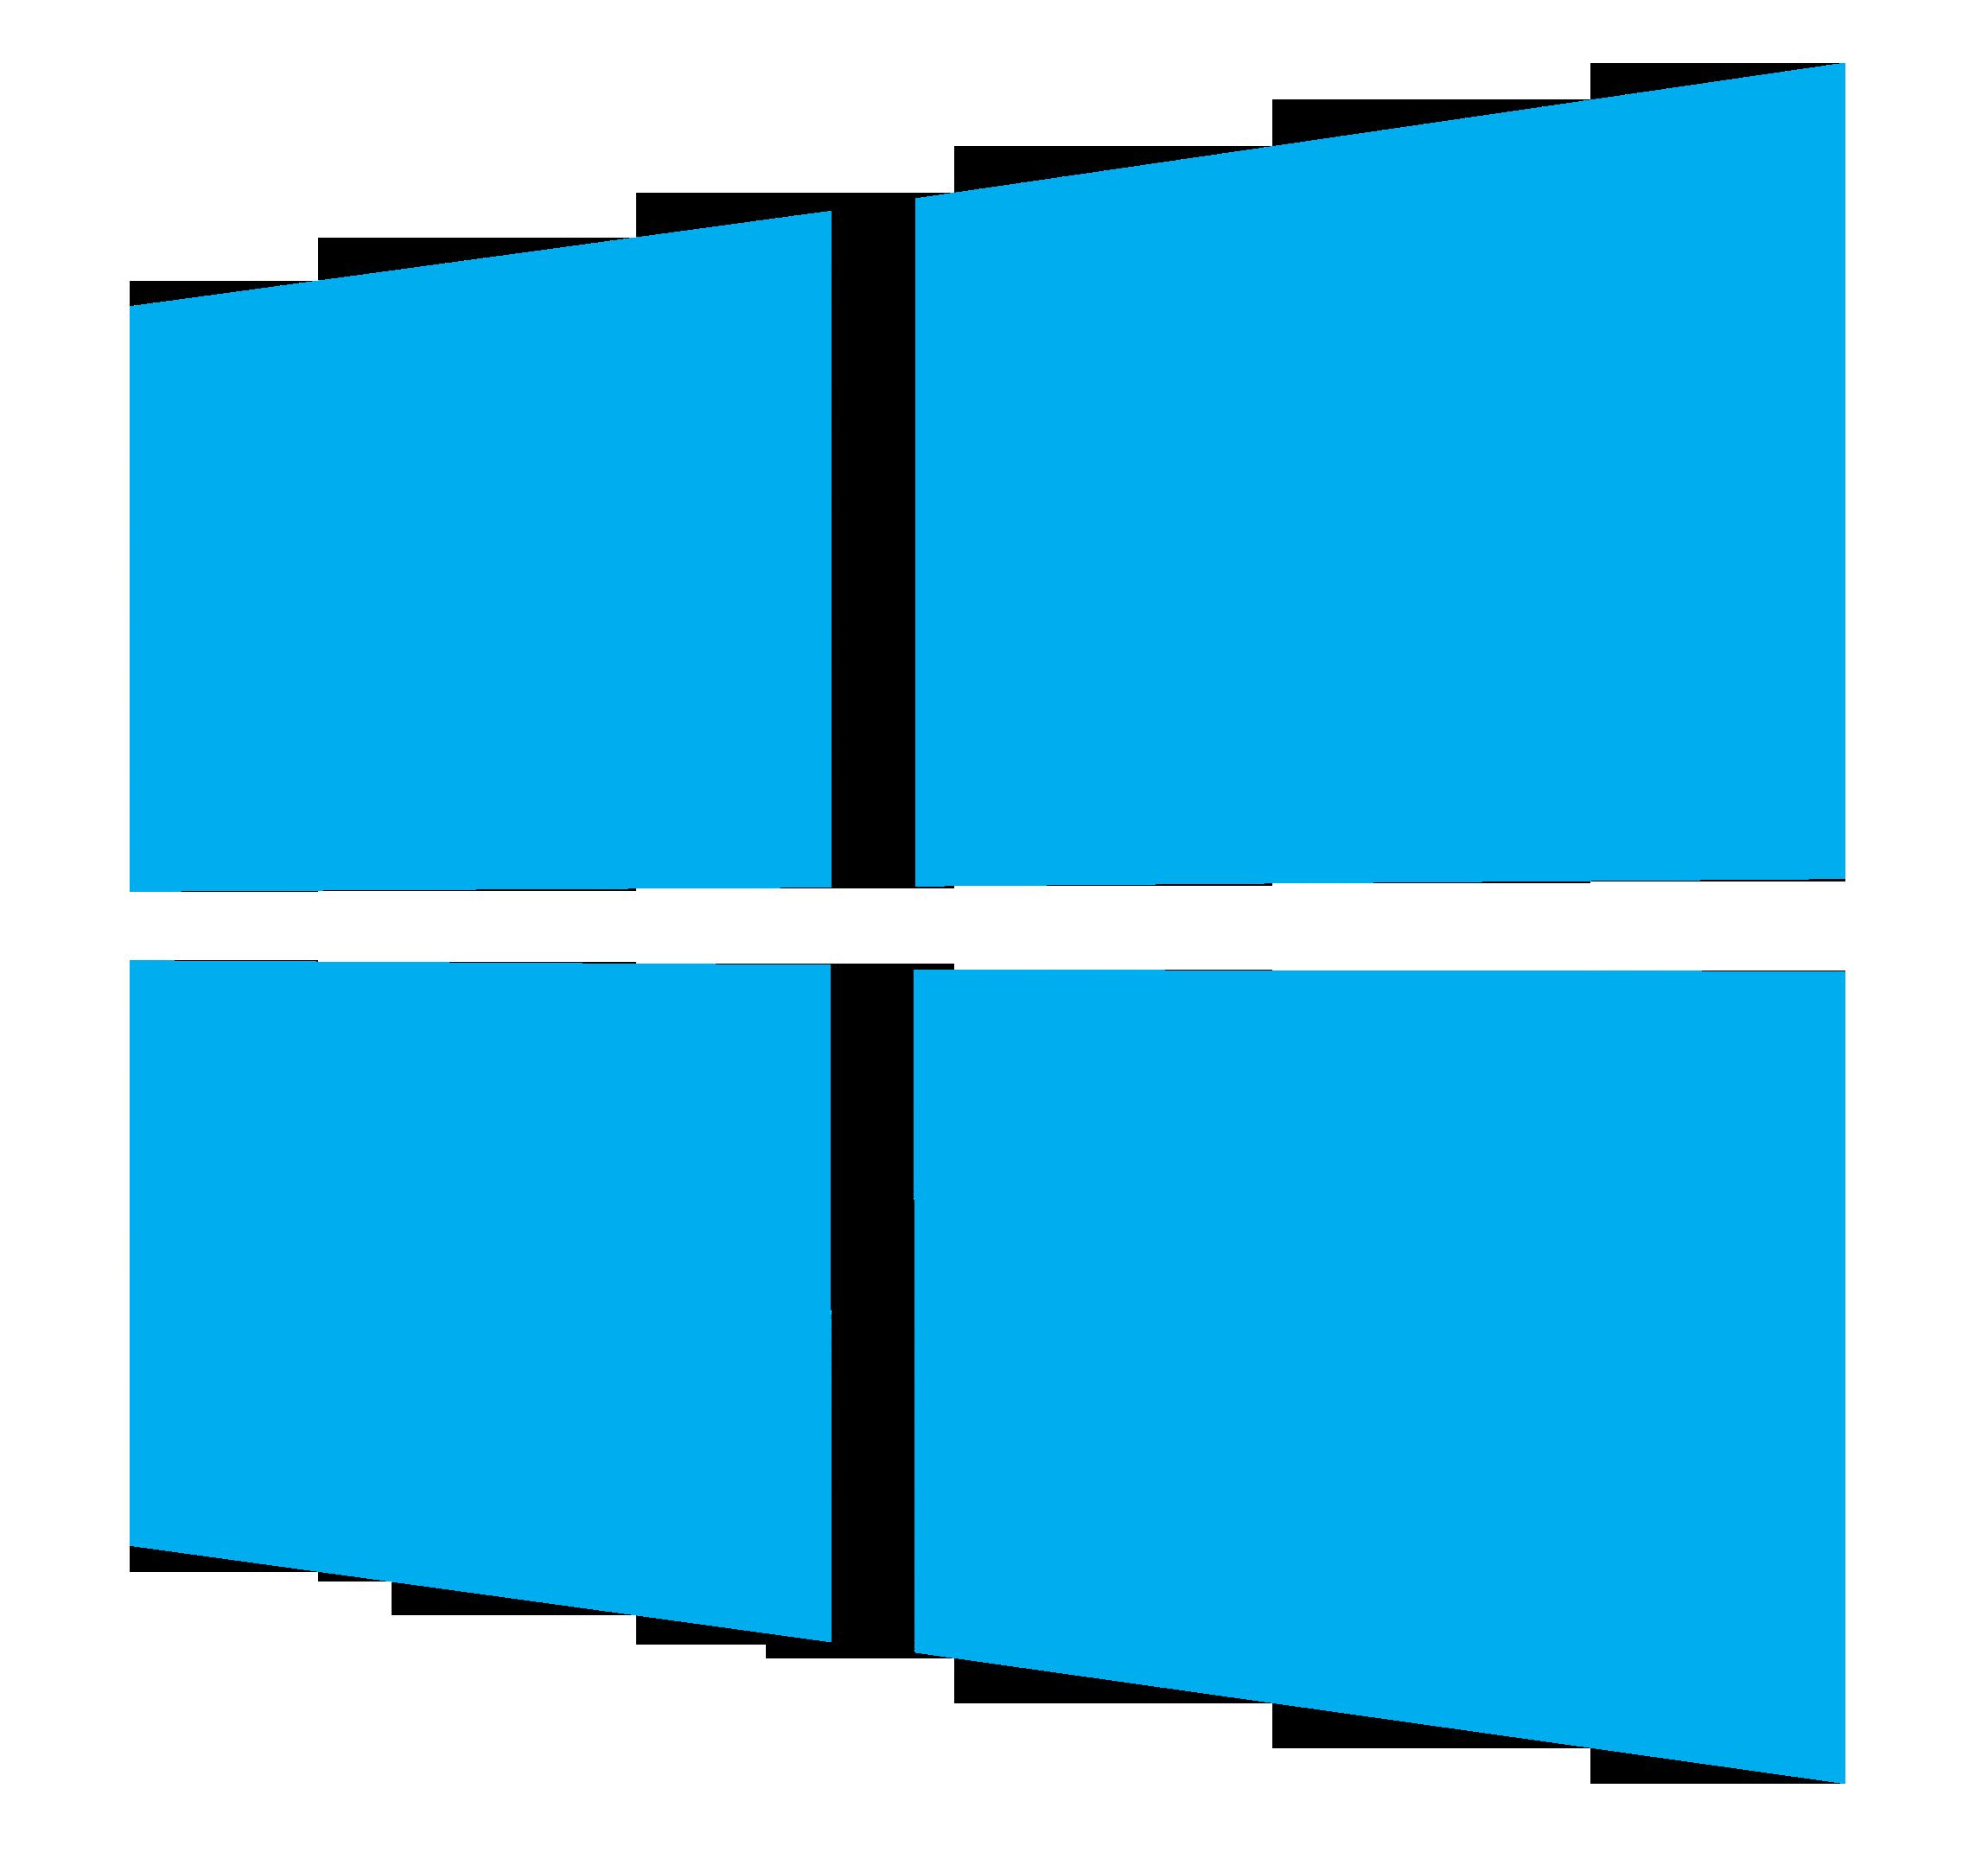 logo windows histoire image de symbole et embl232me